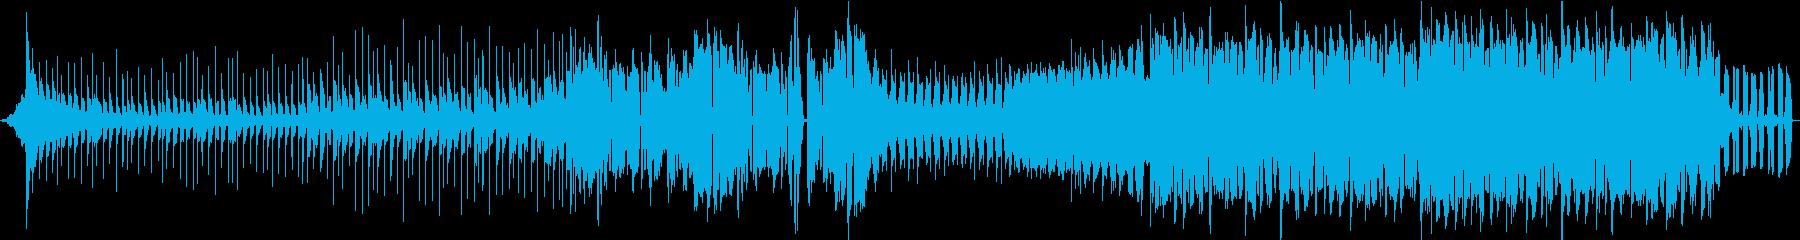 攻撃的でかっこいいダブステップ EDMの再生済みの波形